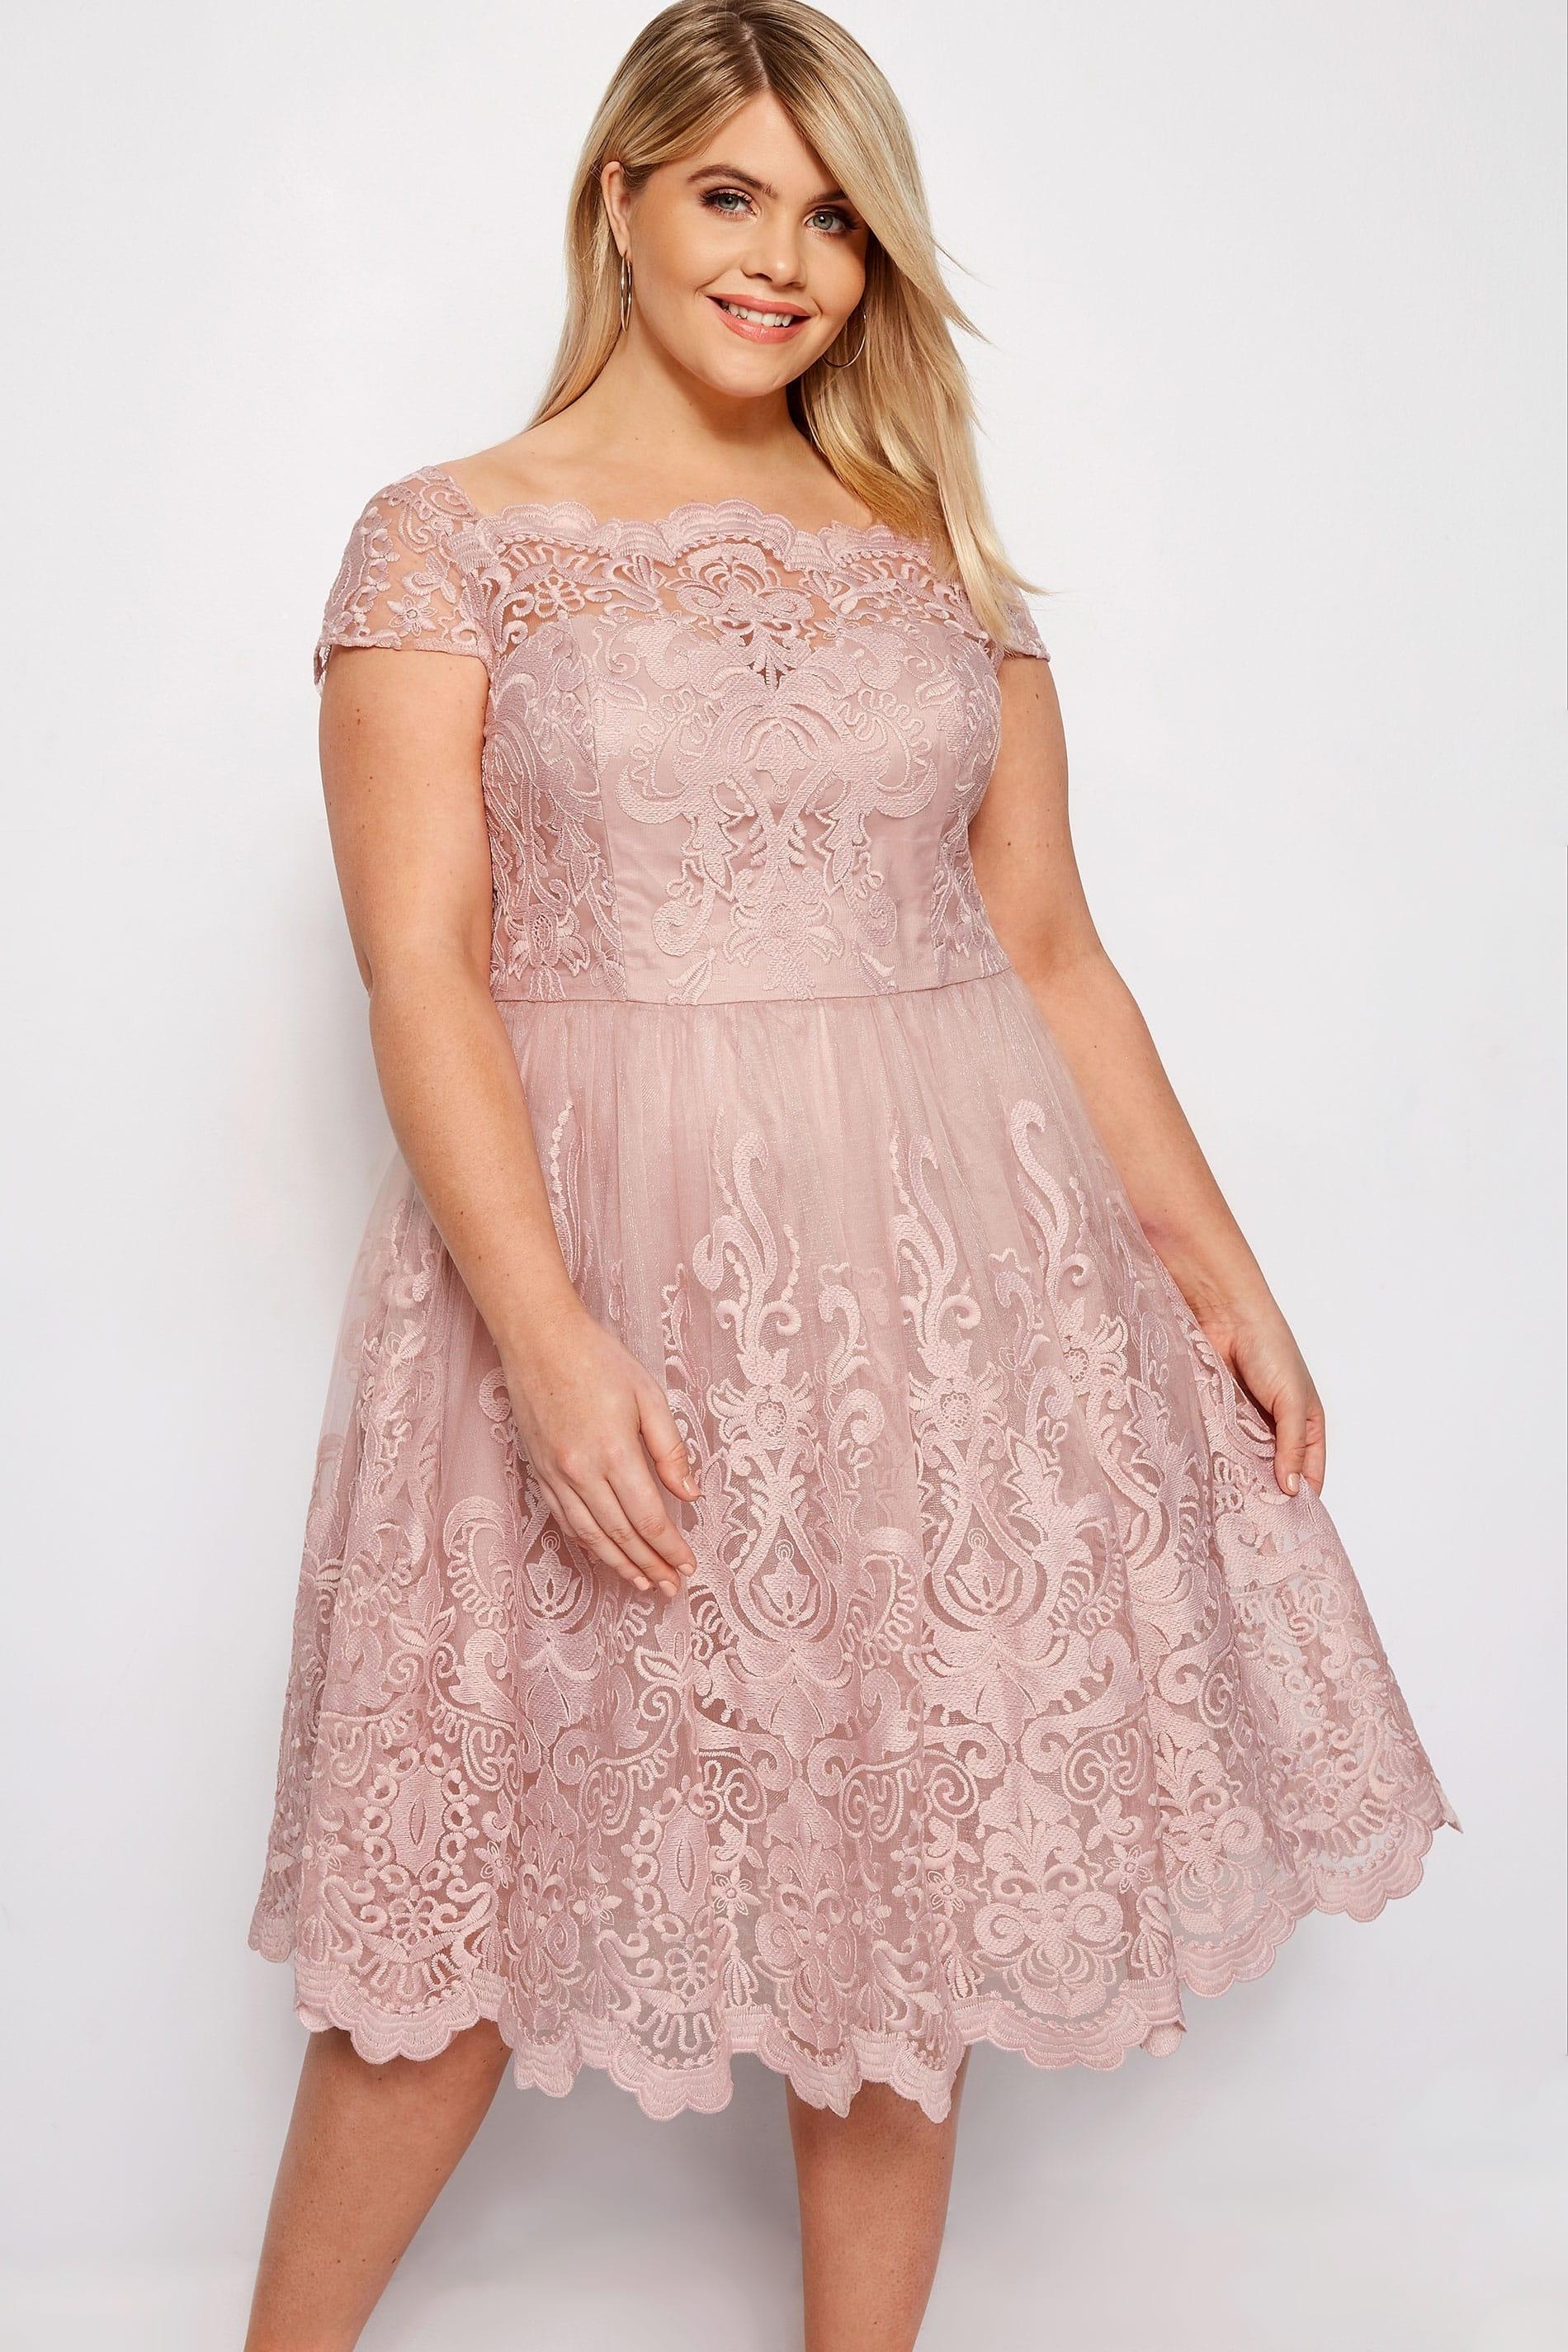 Formal Schön Kleid Rosa SpezialgebietAbend Erstaunlich Kleid Rosa Bester Preis